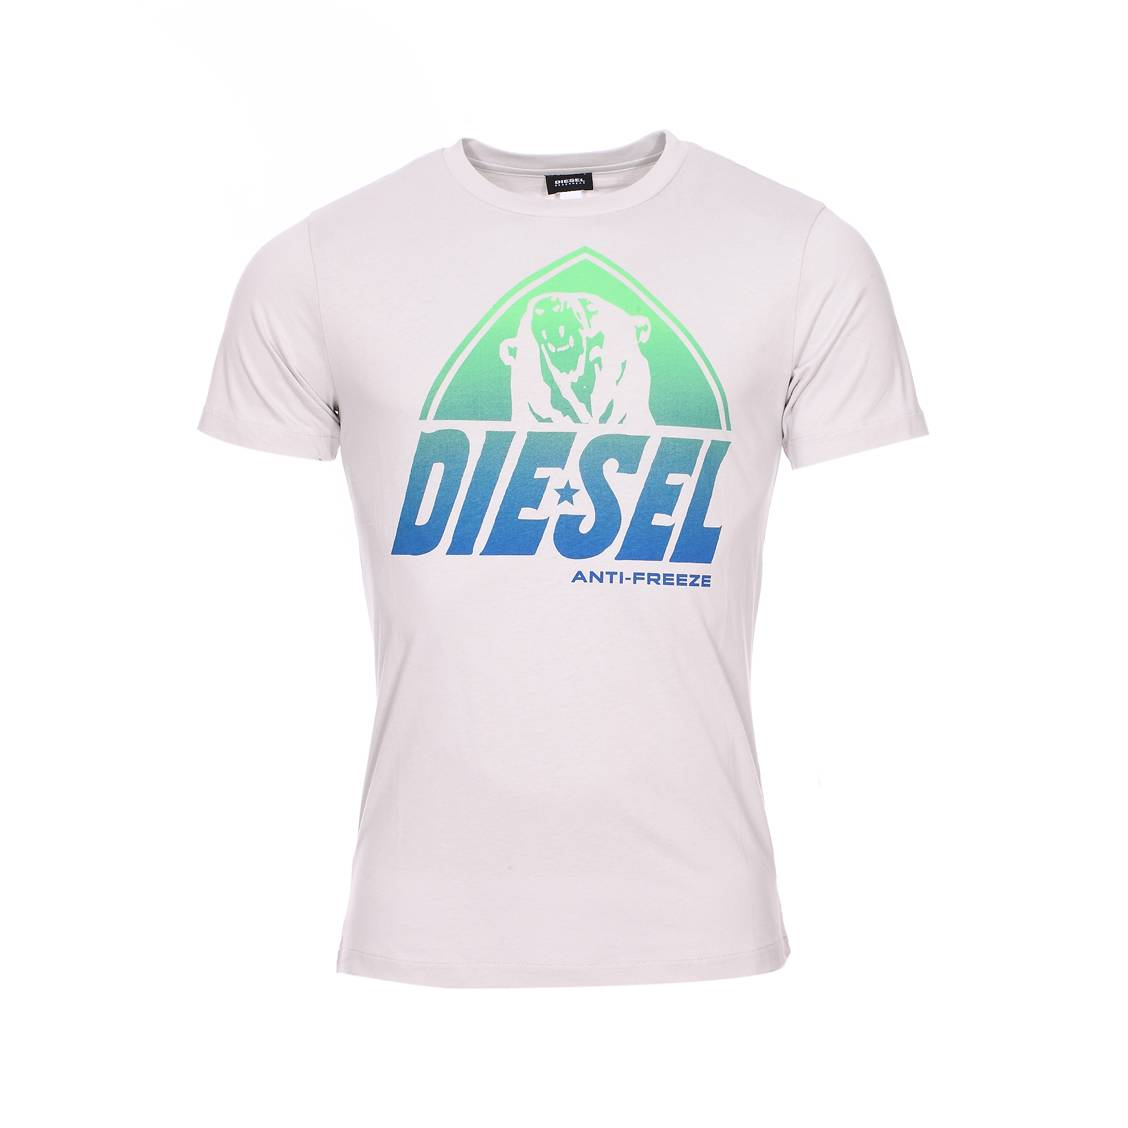 Tee-shirt col rond diesel parsen en coton gris clair floqué